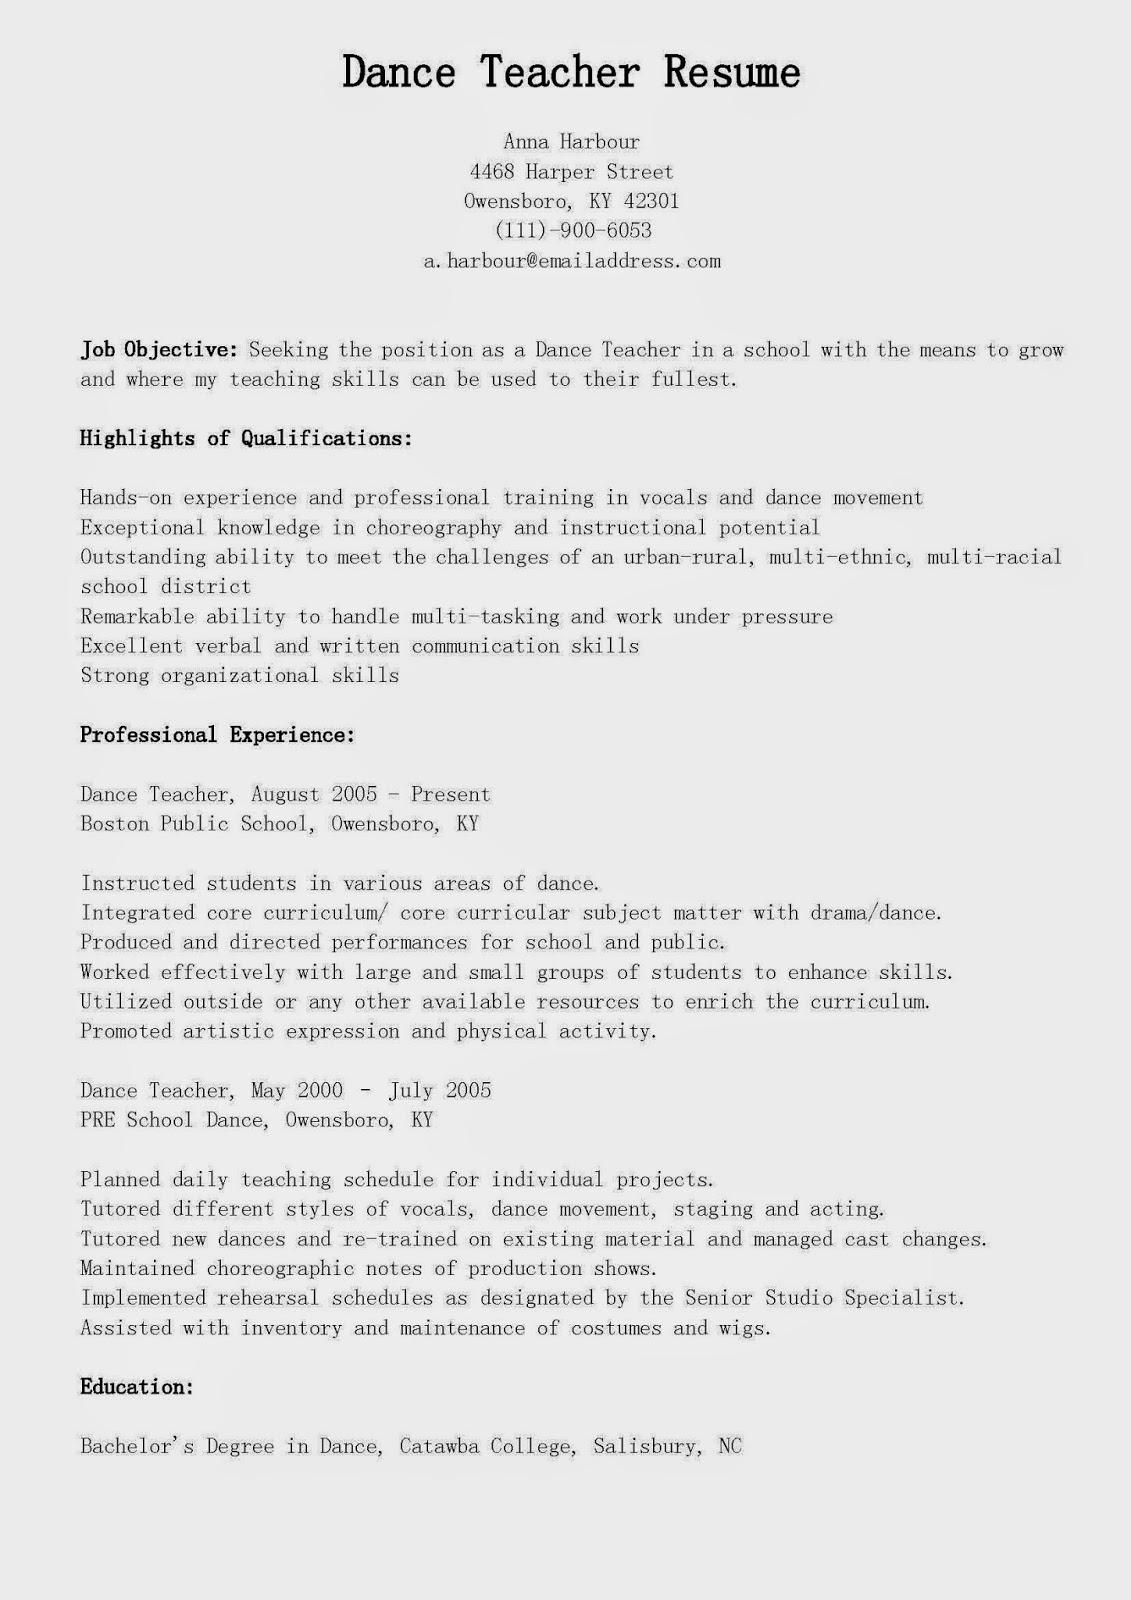 Resume Samples Dance Teacher Sample